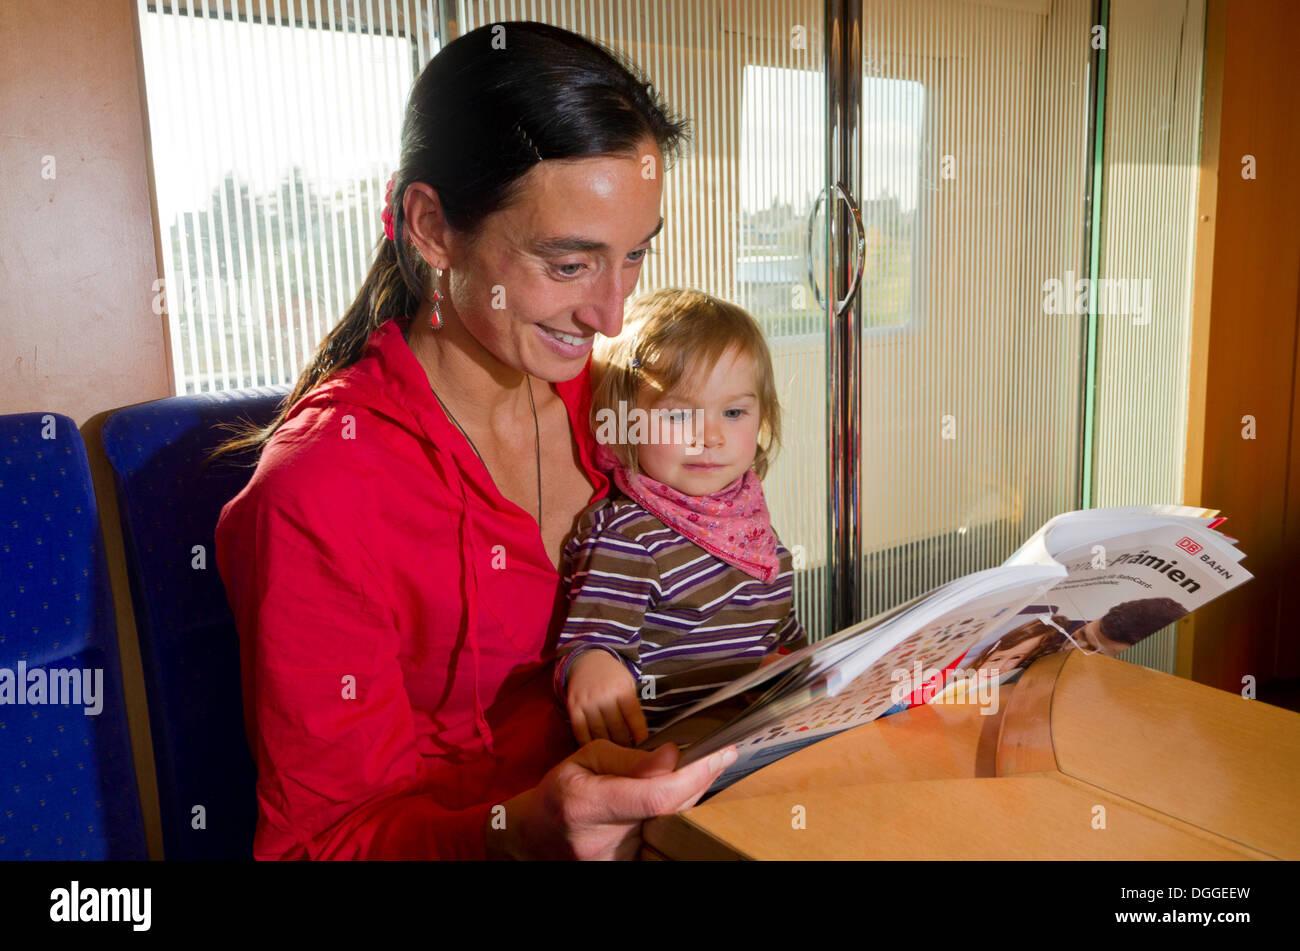 Joven madre con su hijo la lectura en un libreto interior tren ICE, Dresde, Sajonia, Alemania Foto de stock